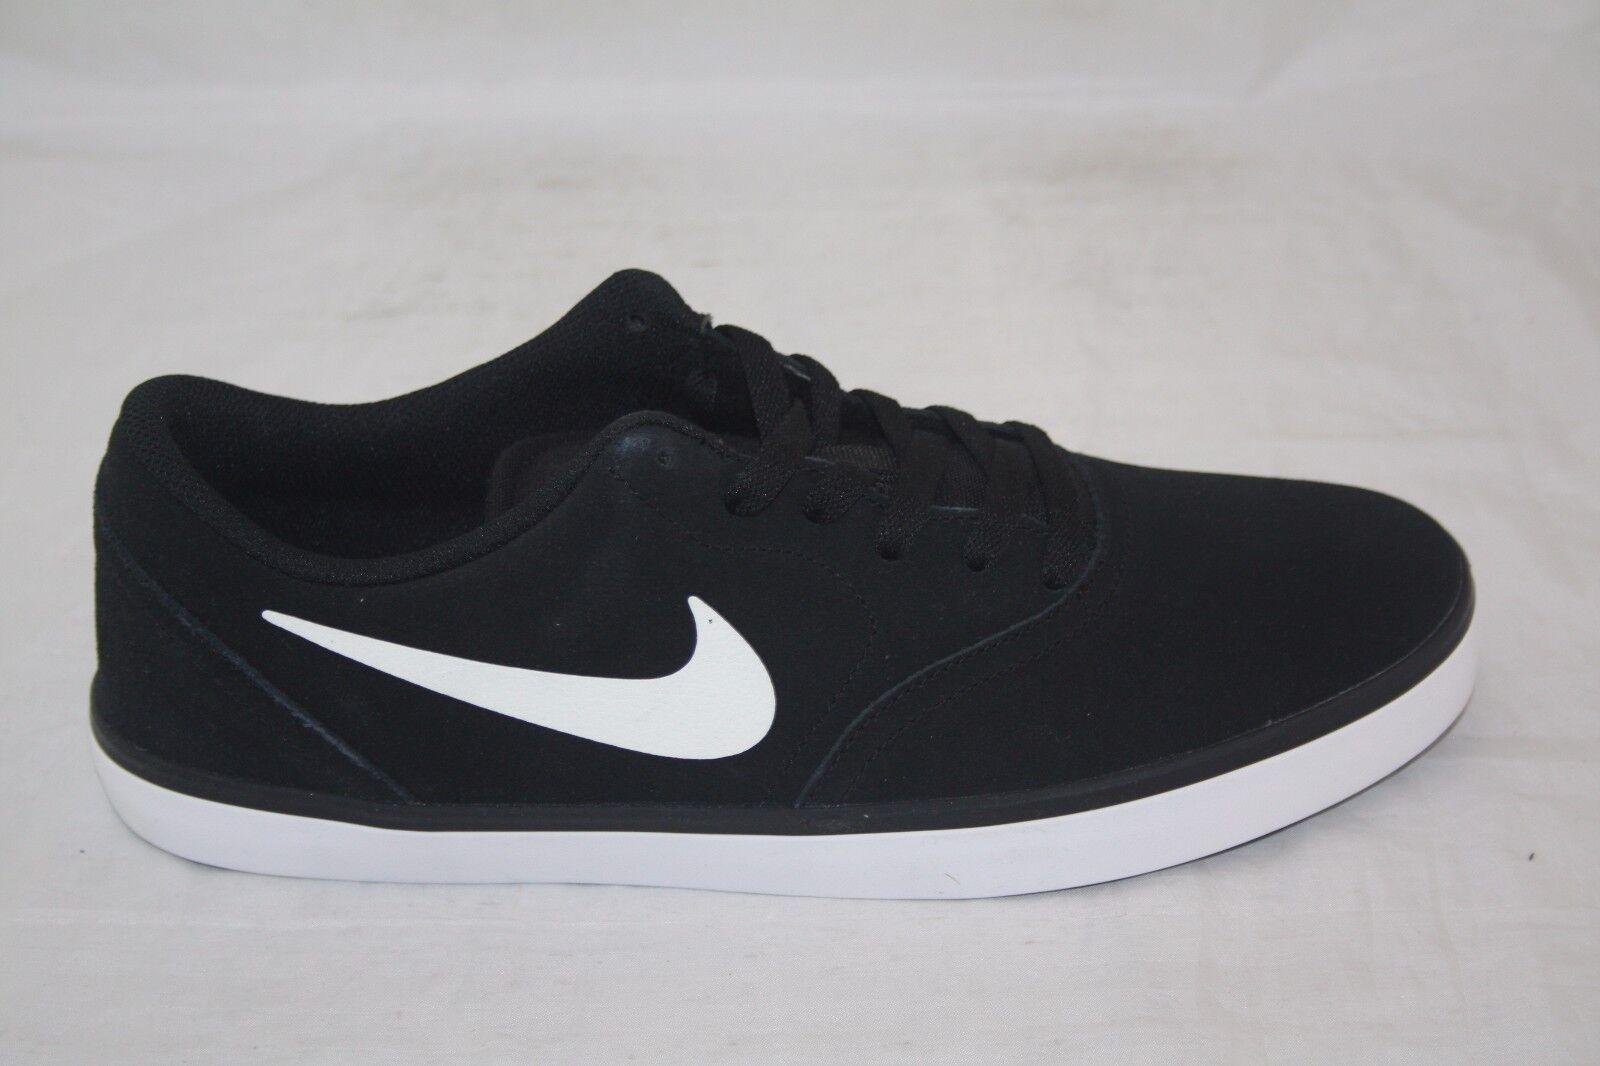 Nike sb - männer 705265-004 größe schwarz / weiß - größe 705265-004 10,5 msrp 70,00 0584d9